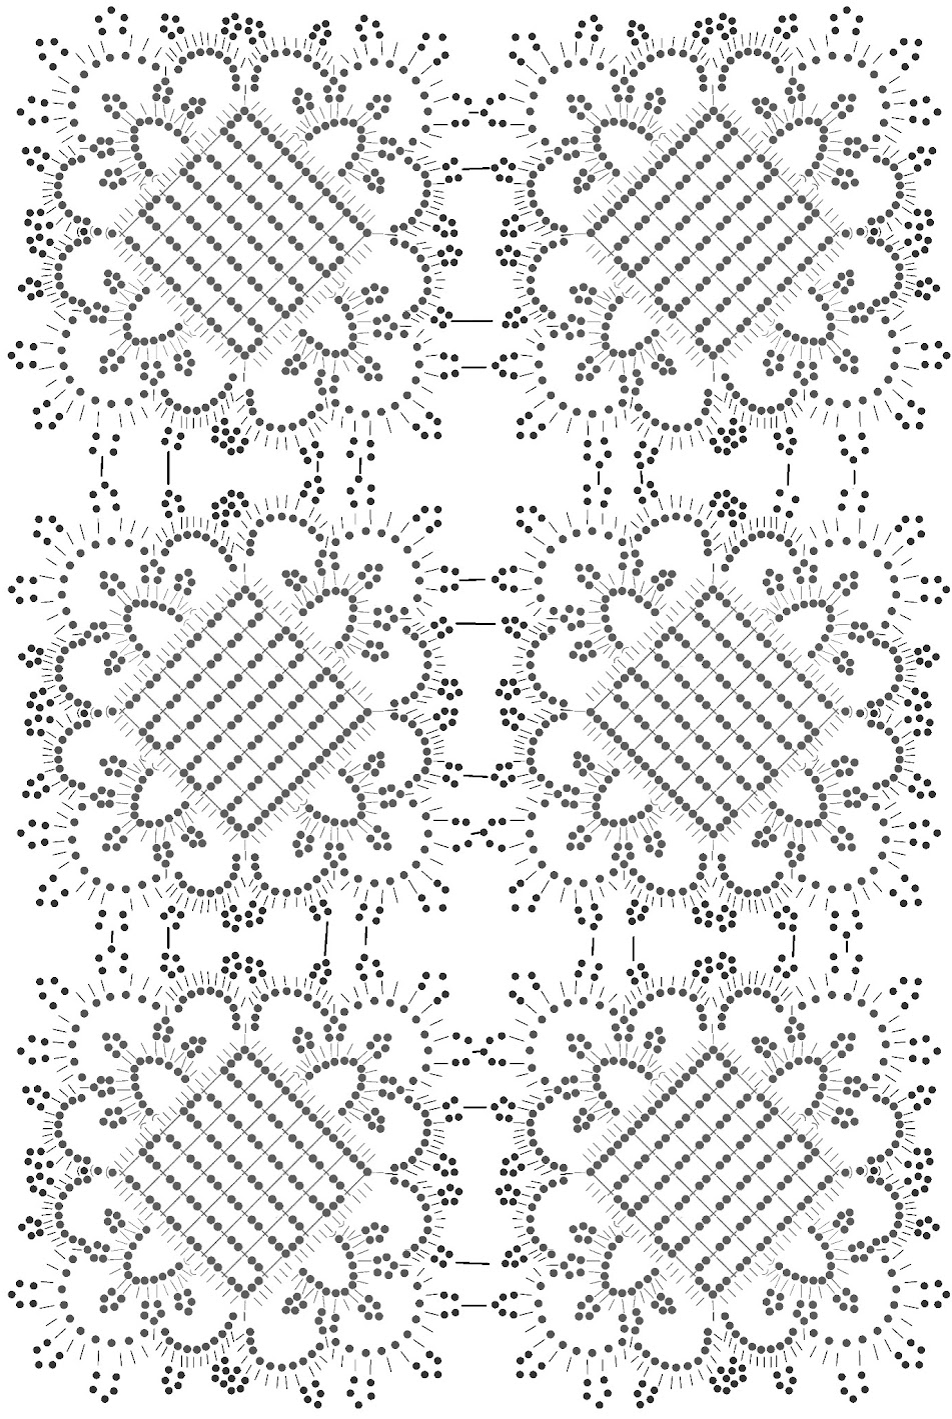 Вязание крючком прямоугольной салфетки. Схема присоединения мотивов.